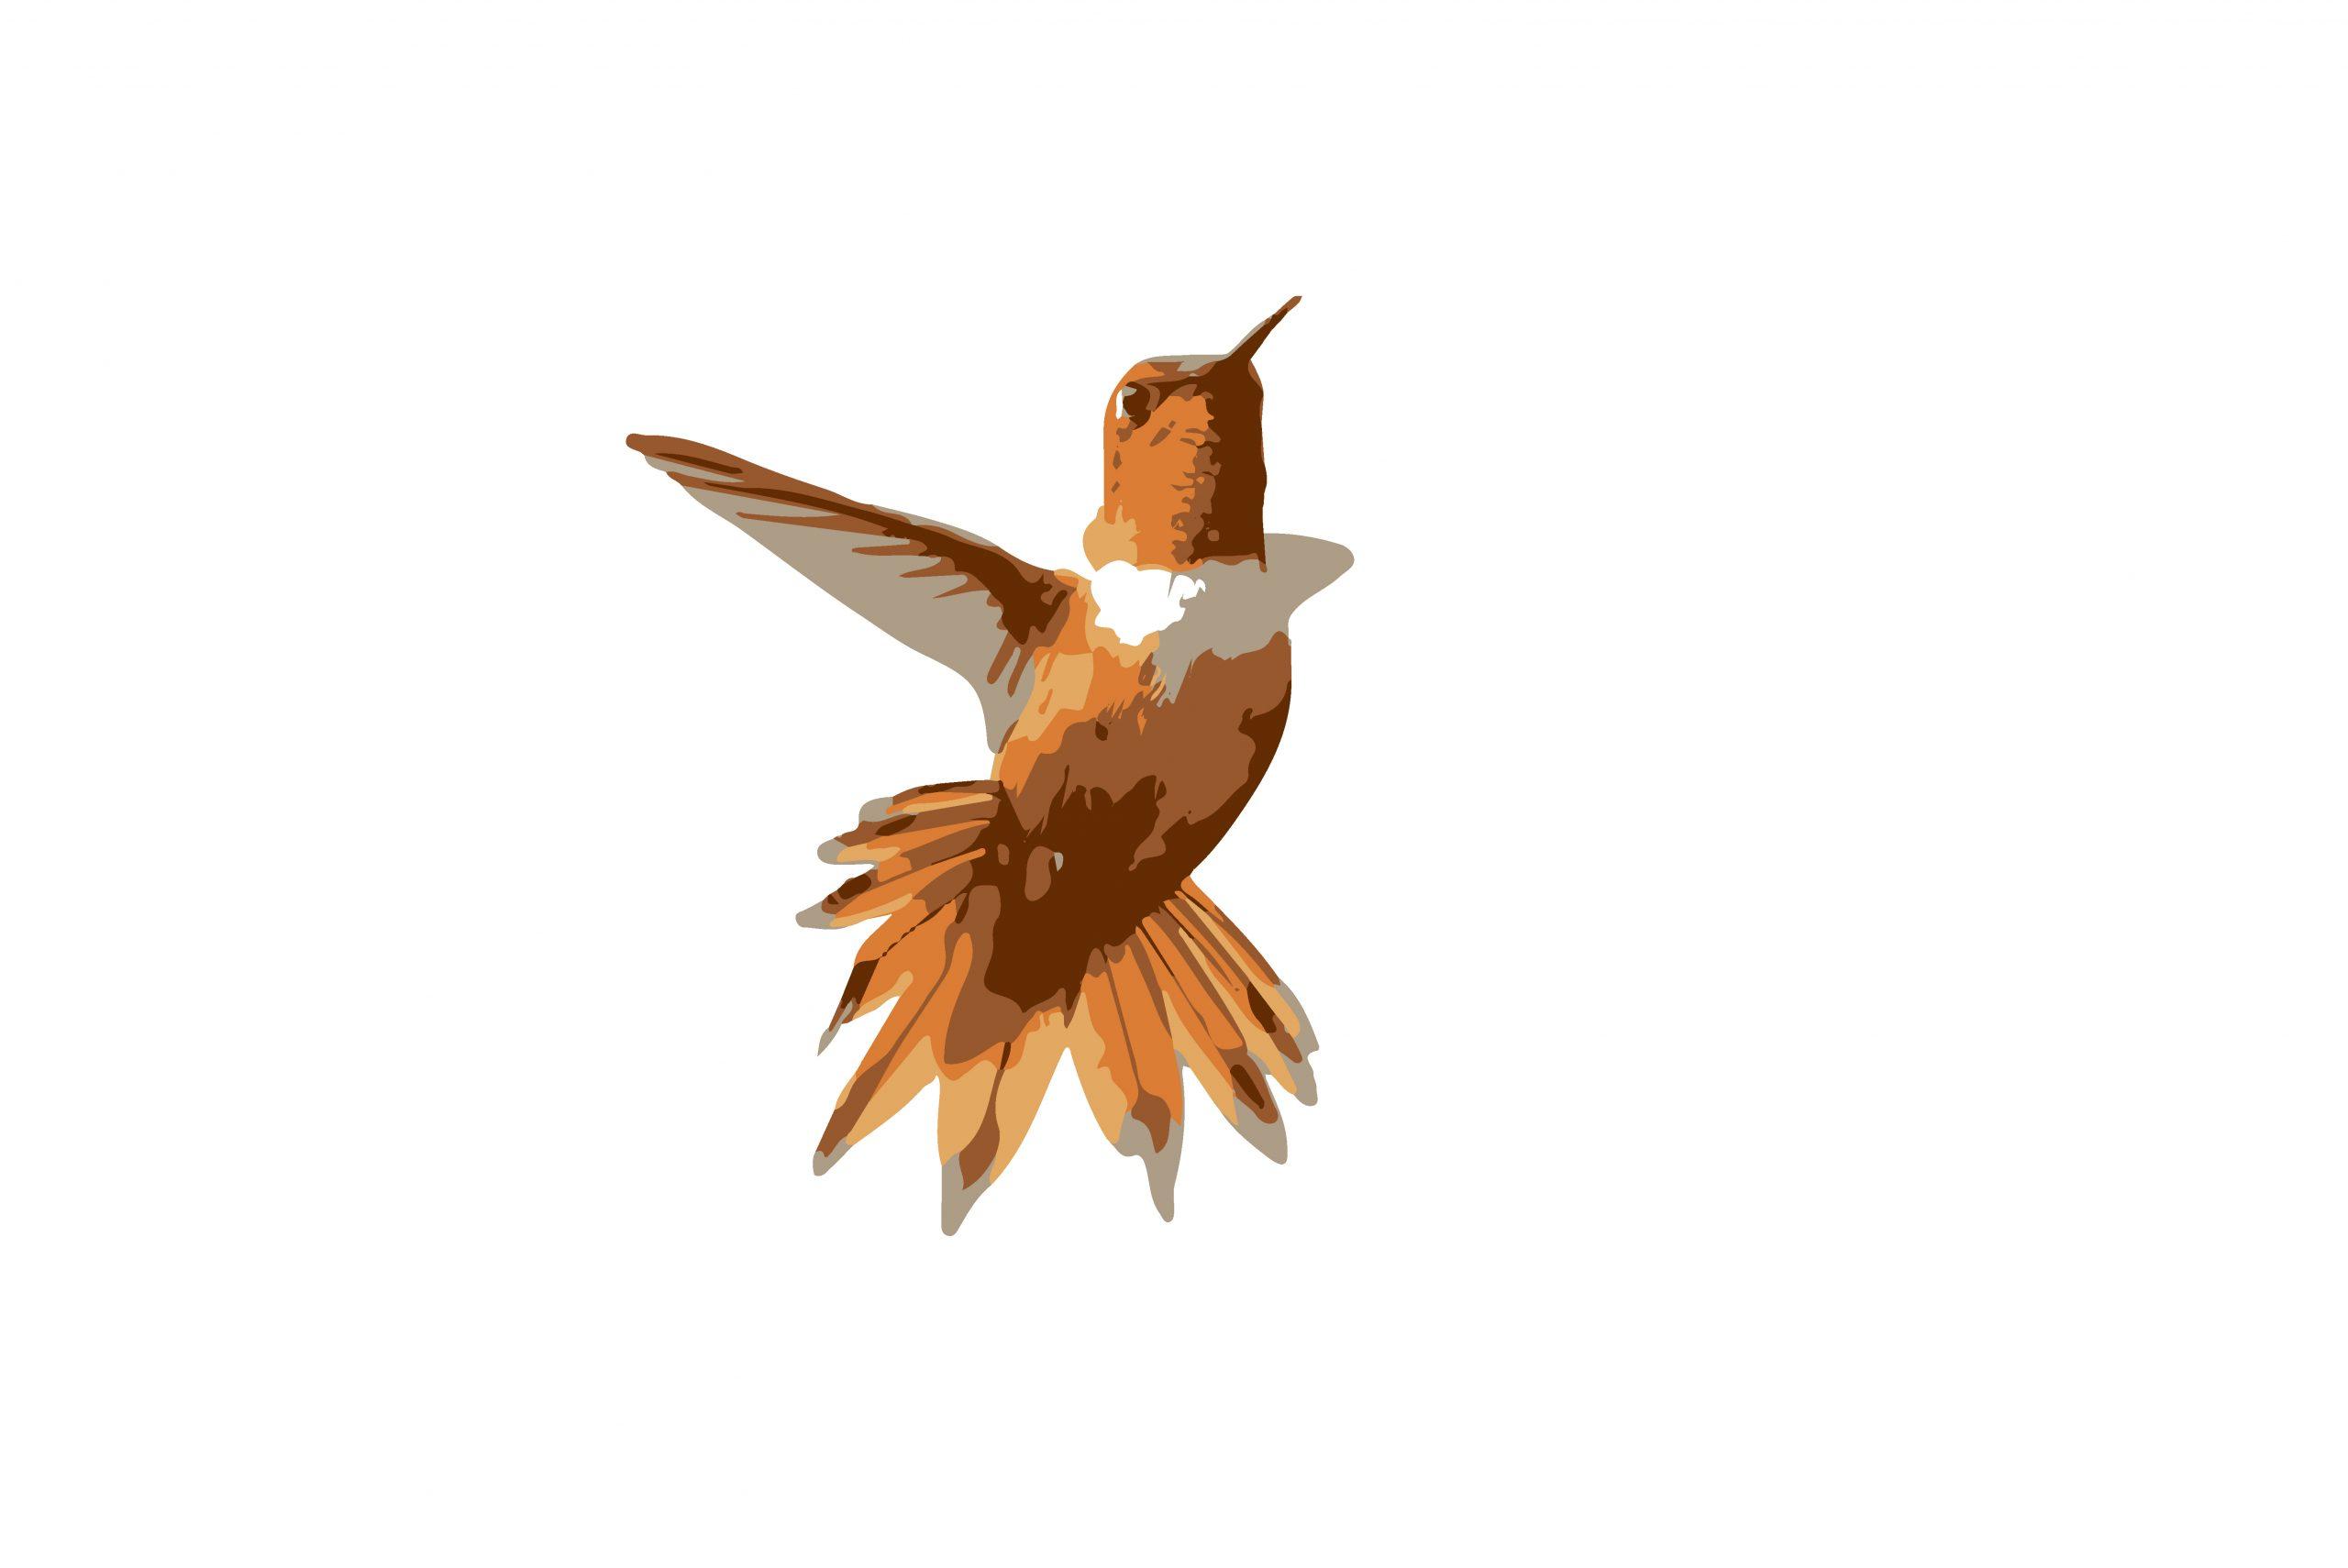 Illustration of a flying bird